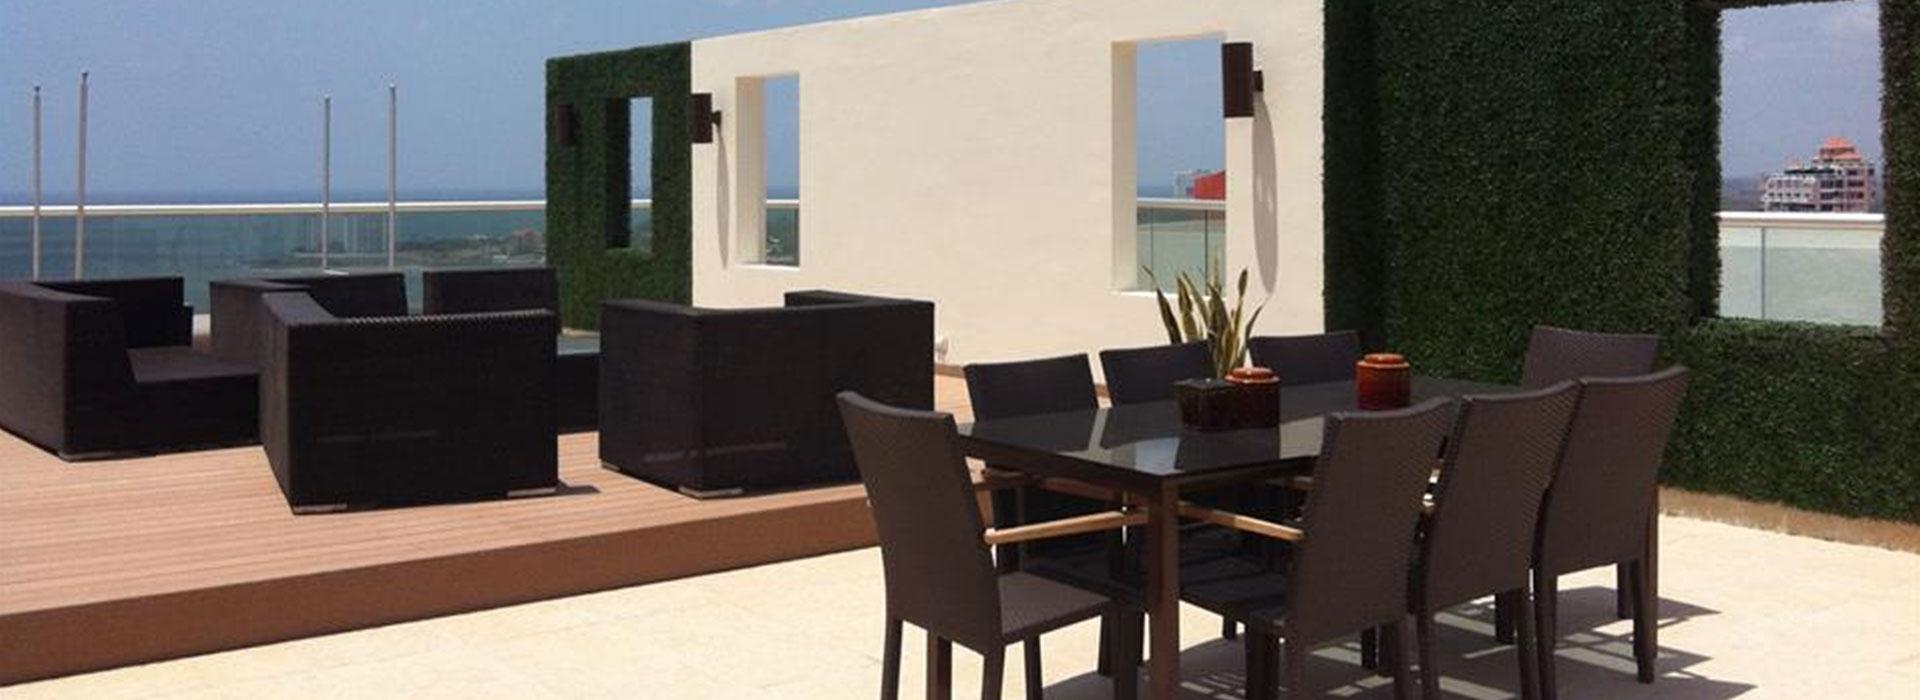 Modern Beach Penthouse, Panama - PAN (photo 1)